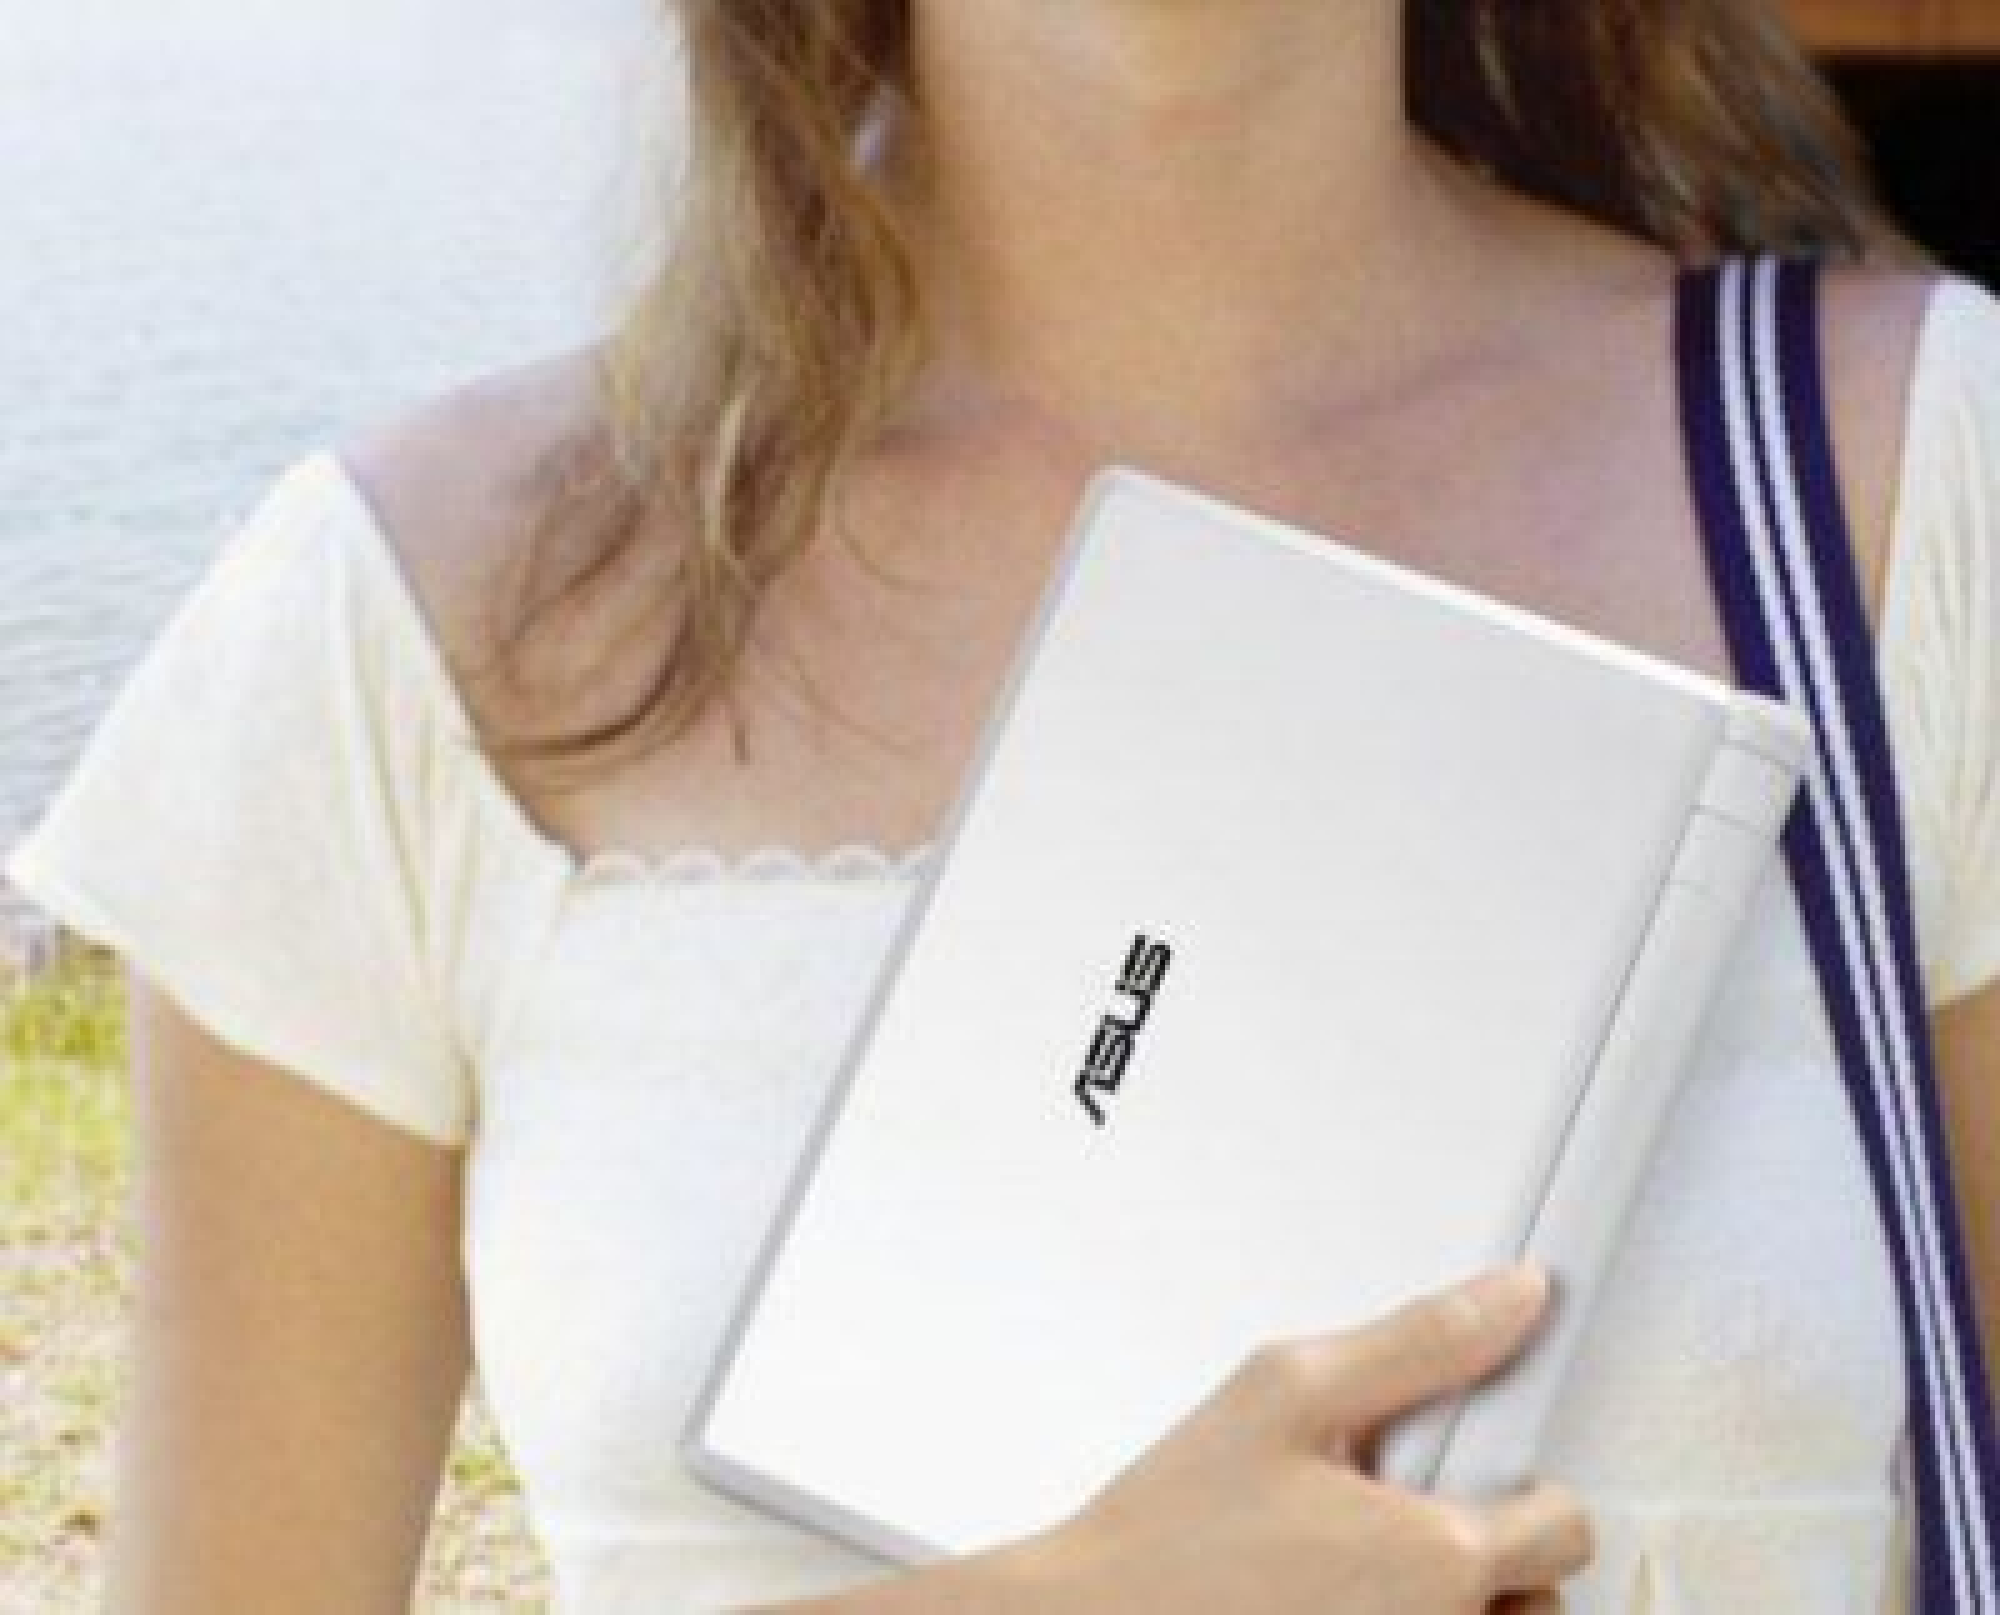 Asus Eee: Mer enn bærbare PC-er